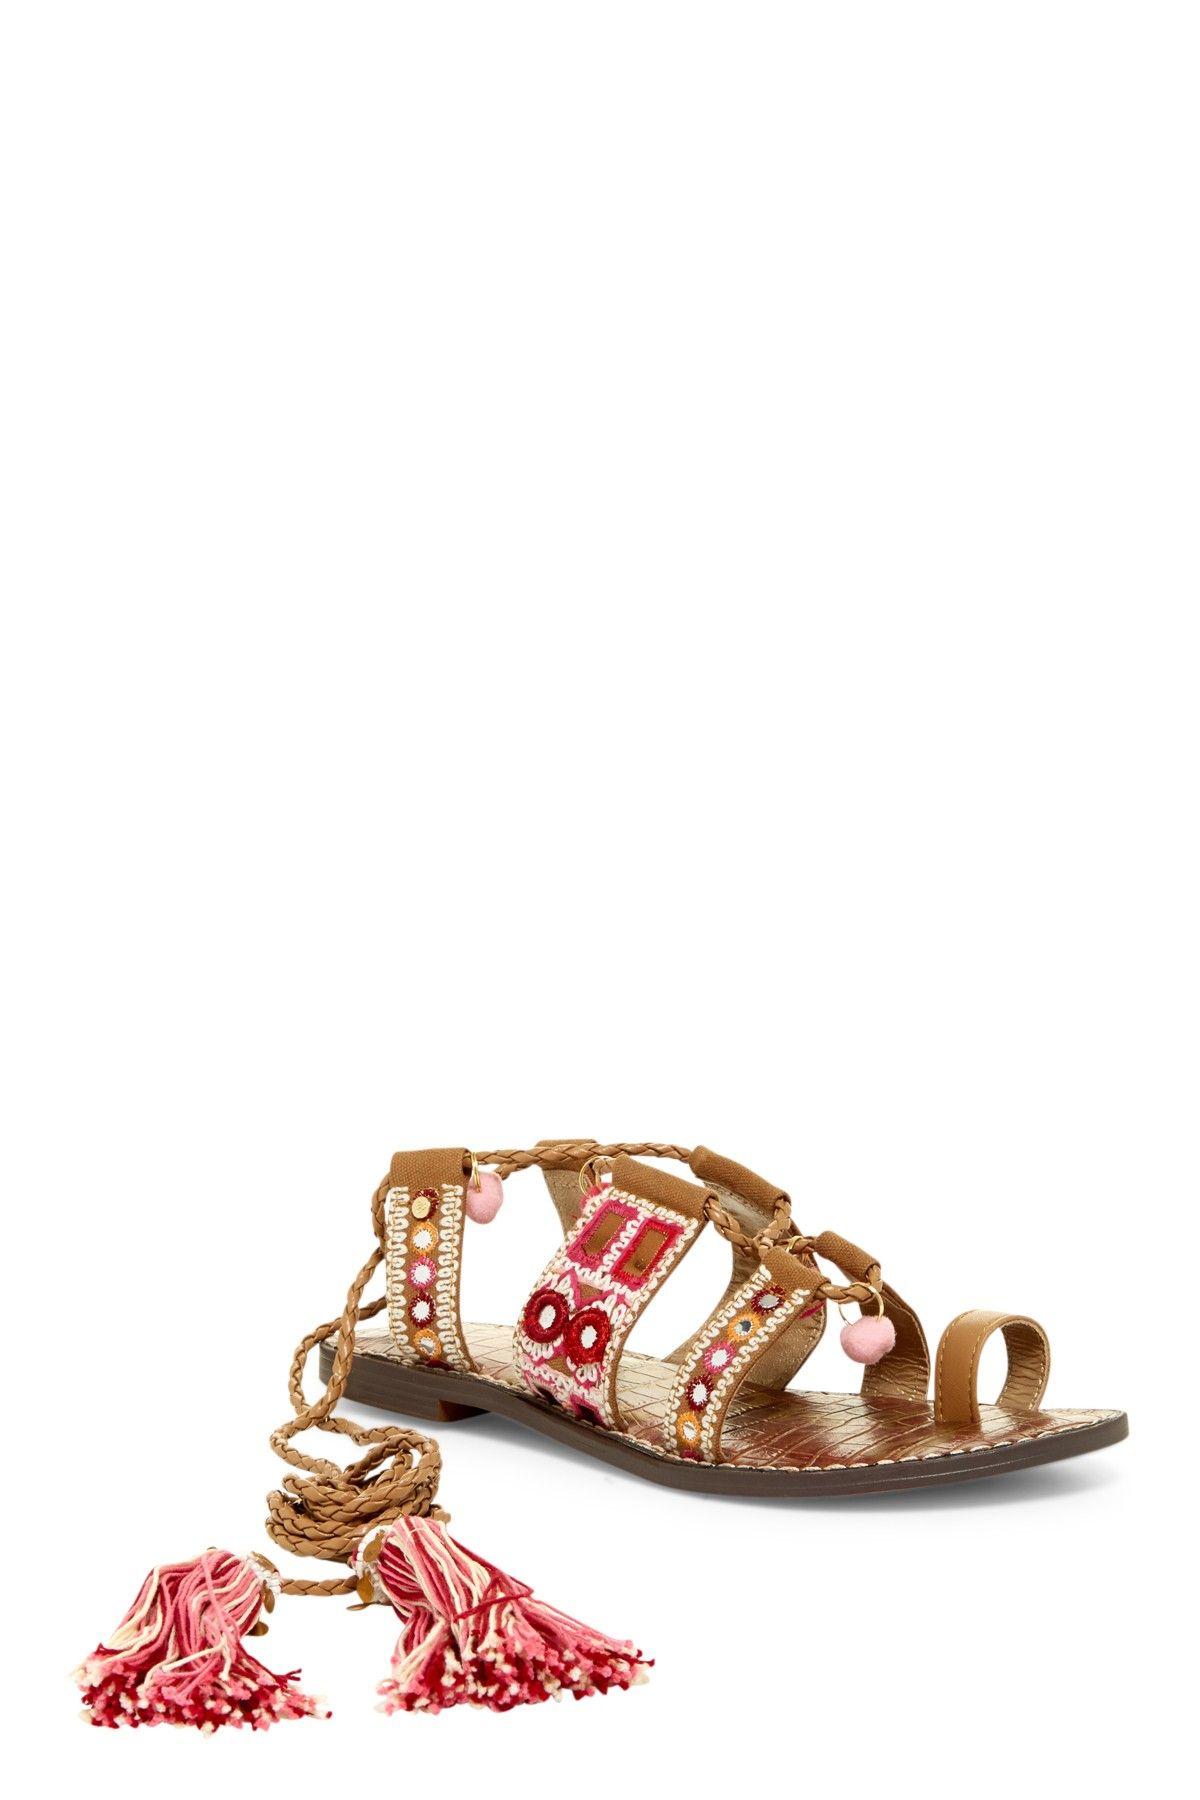 e5036f569ce1f3 Sam Edelman 45% off!!  59 - Gretchen Embellished lace up sandal ...